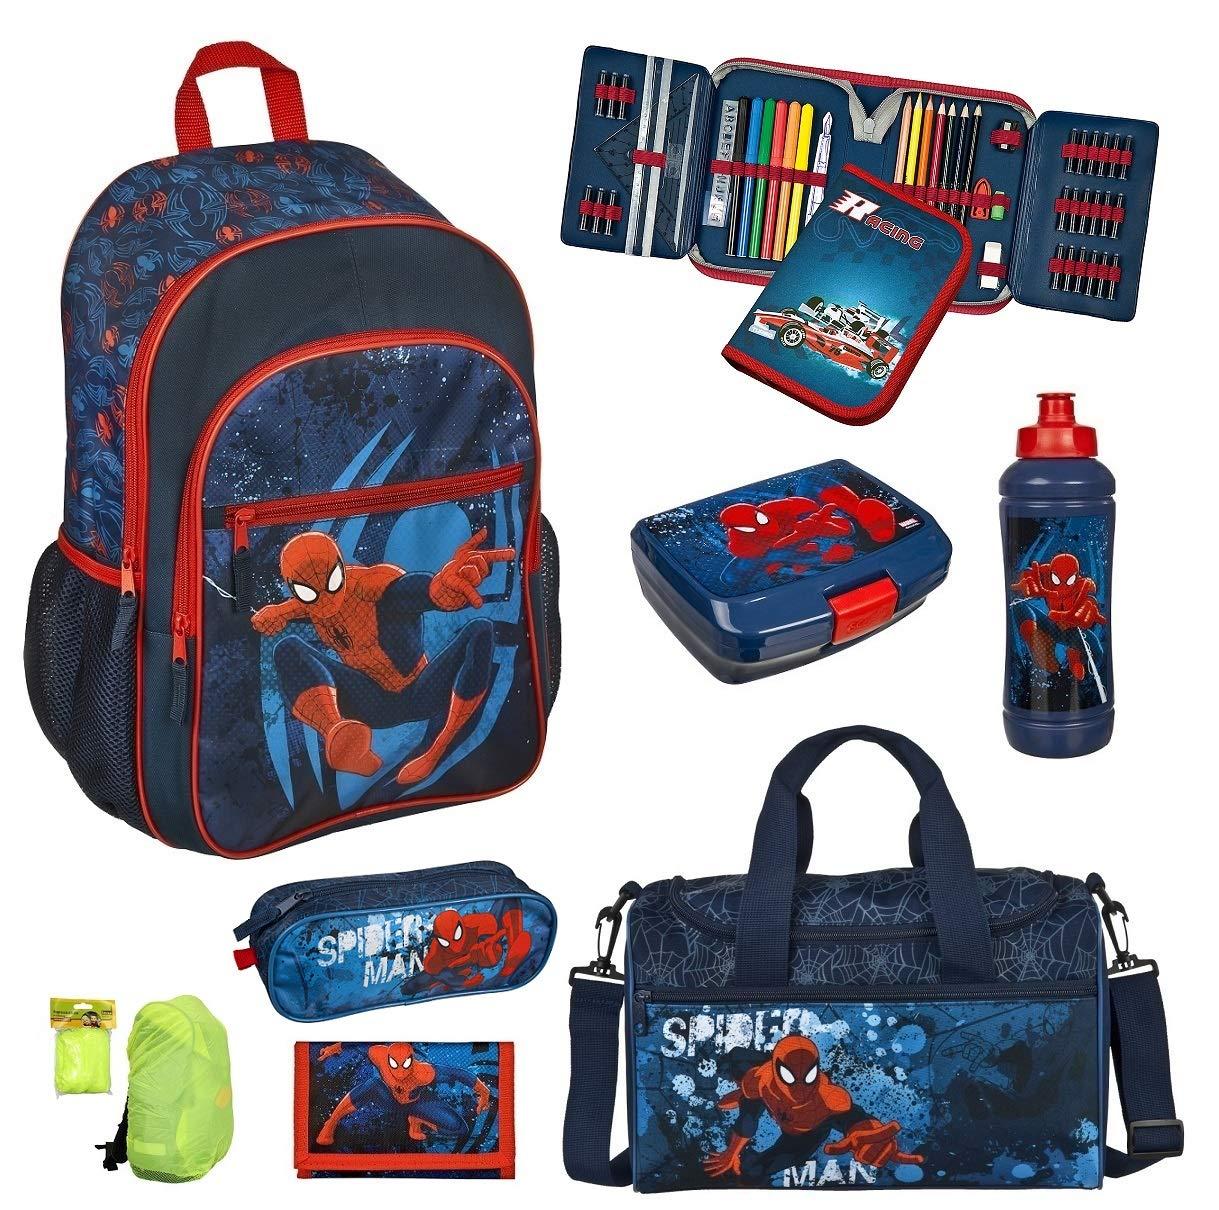 de70ade3ee886 Familando Spiderman Schulranzen Set 8tlg. Scooli Rucksack mit Federmappe  gefüllt Sporttasche SPJU7614 Familando® SPON8252-GR